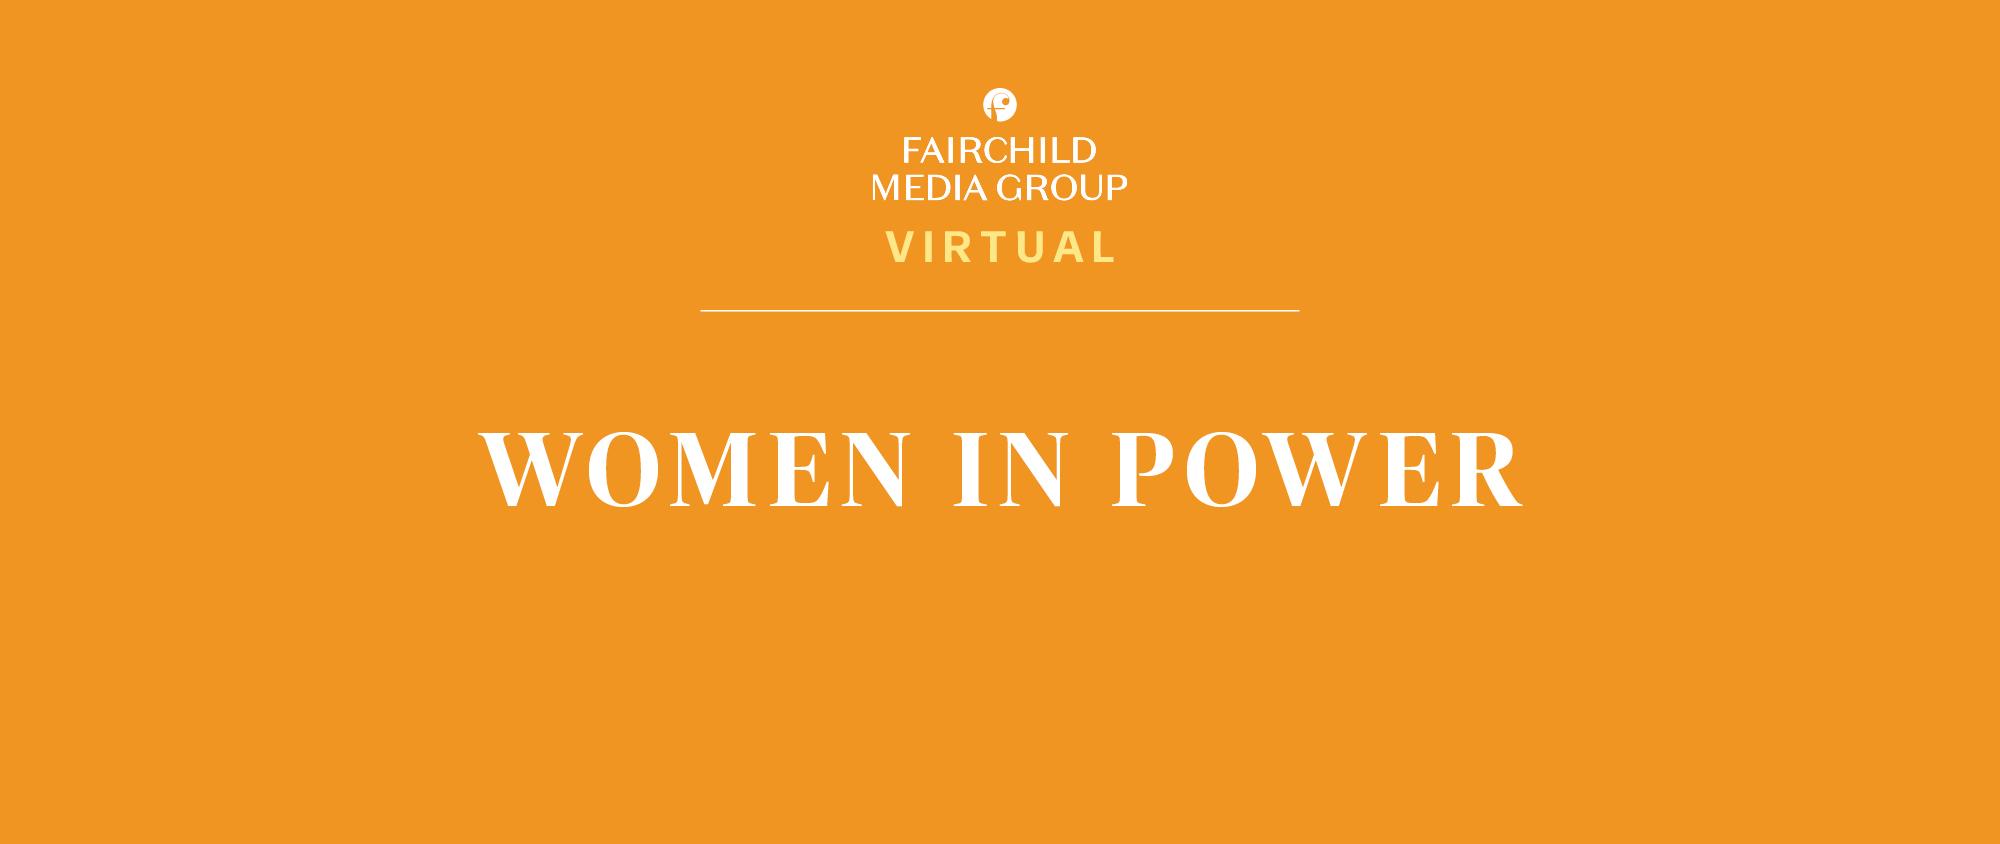 FMG VIRTUAL WOMEN-IN-POWER